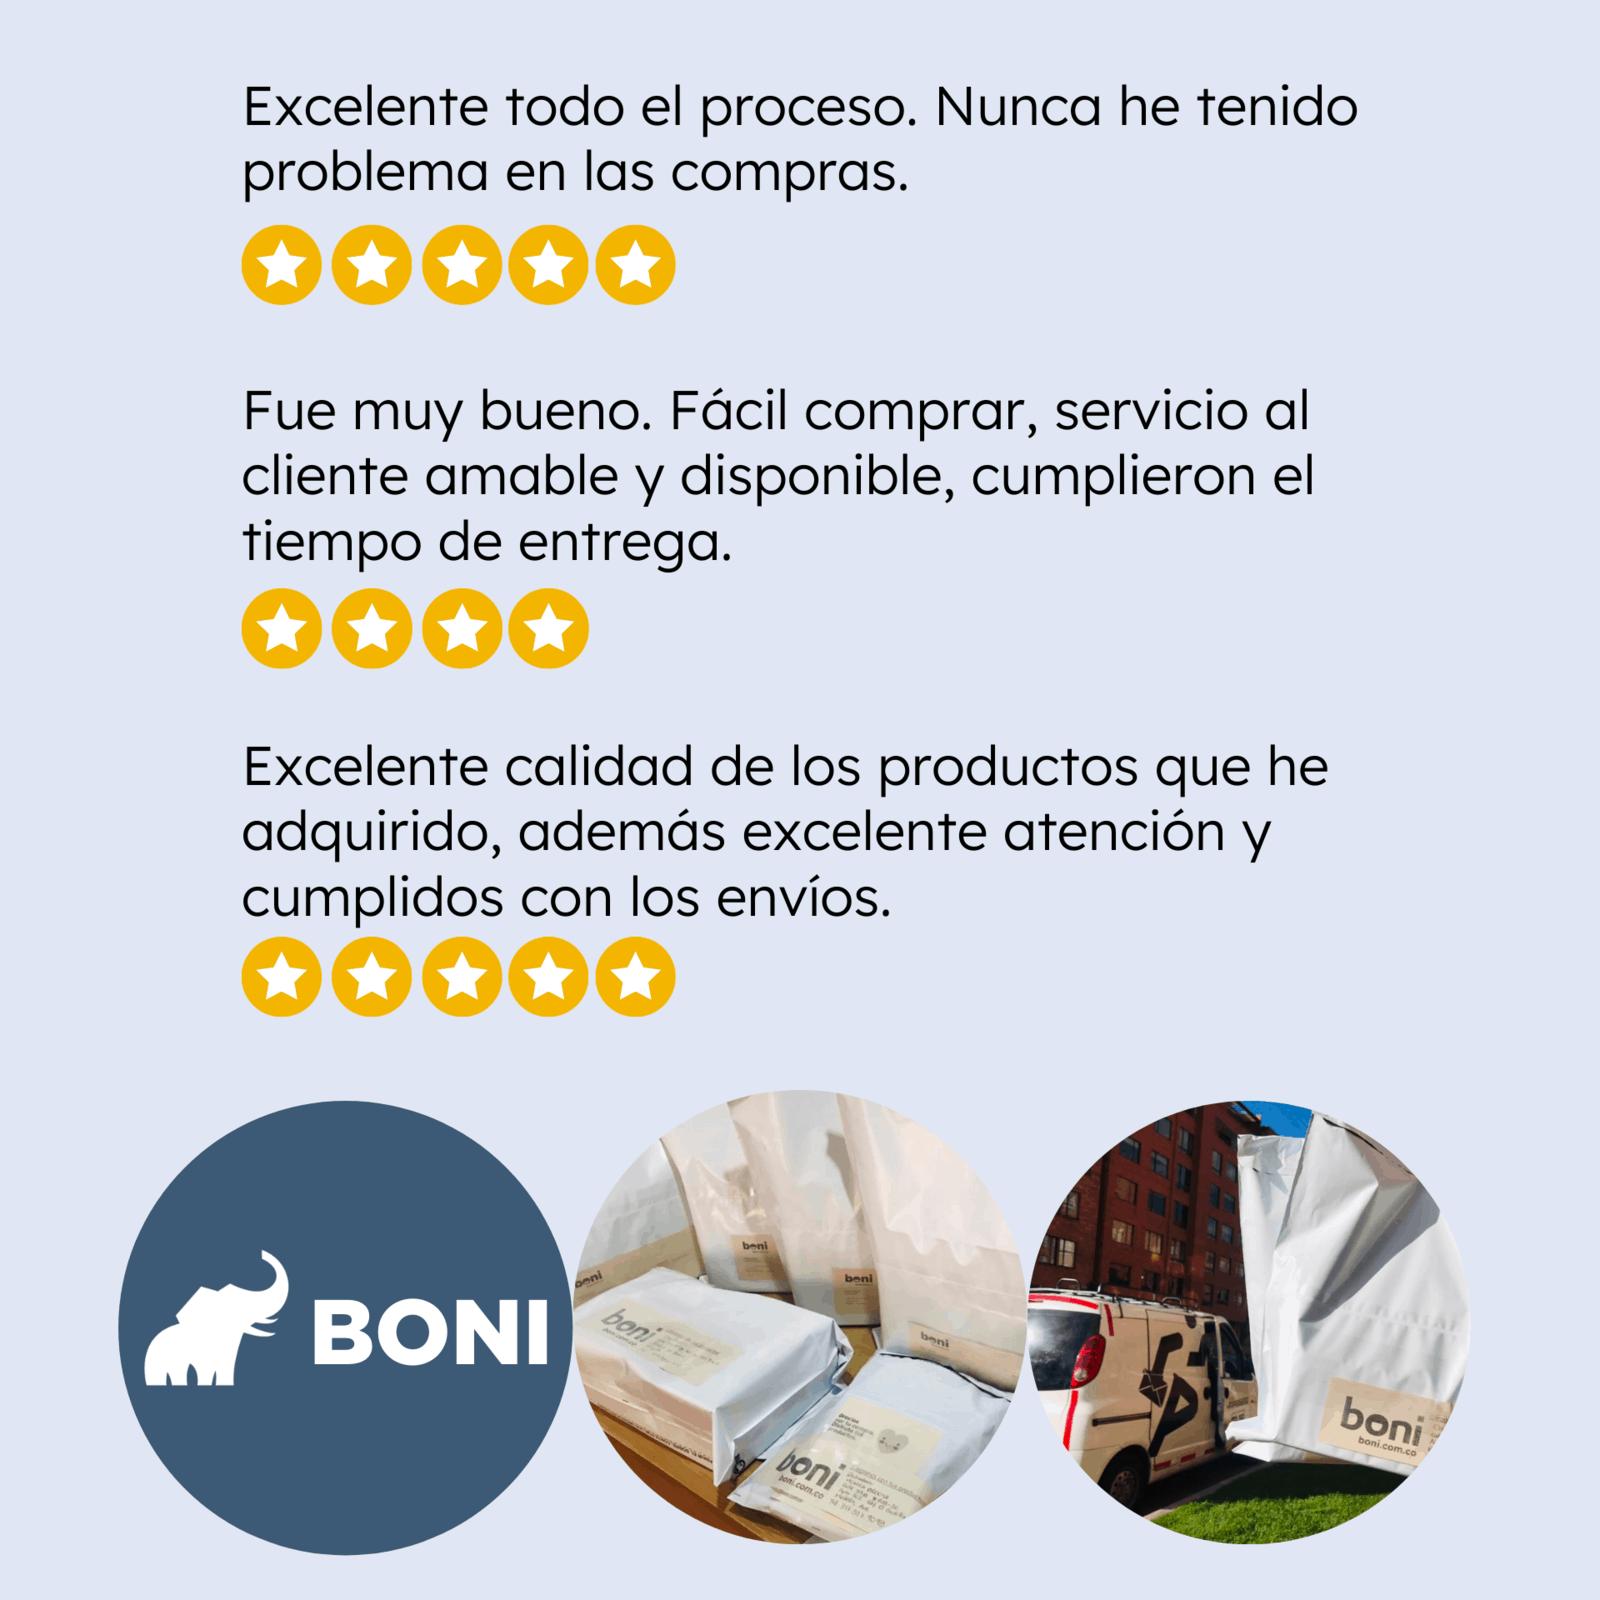 boni.com.co